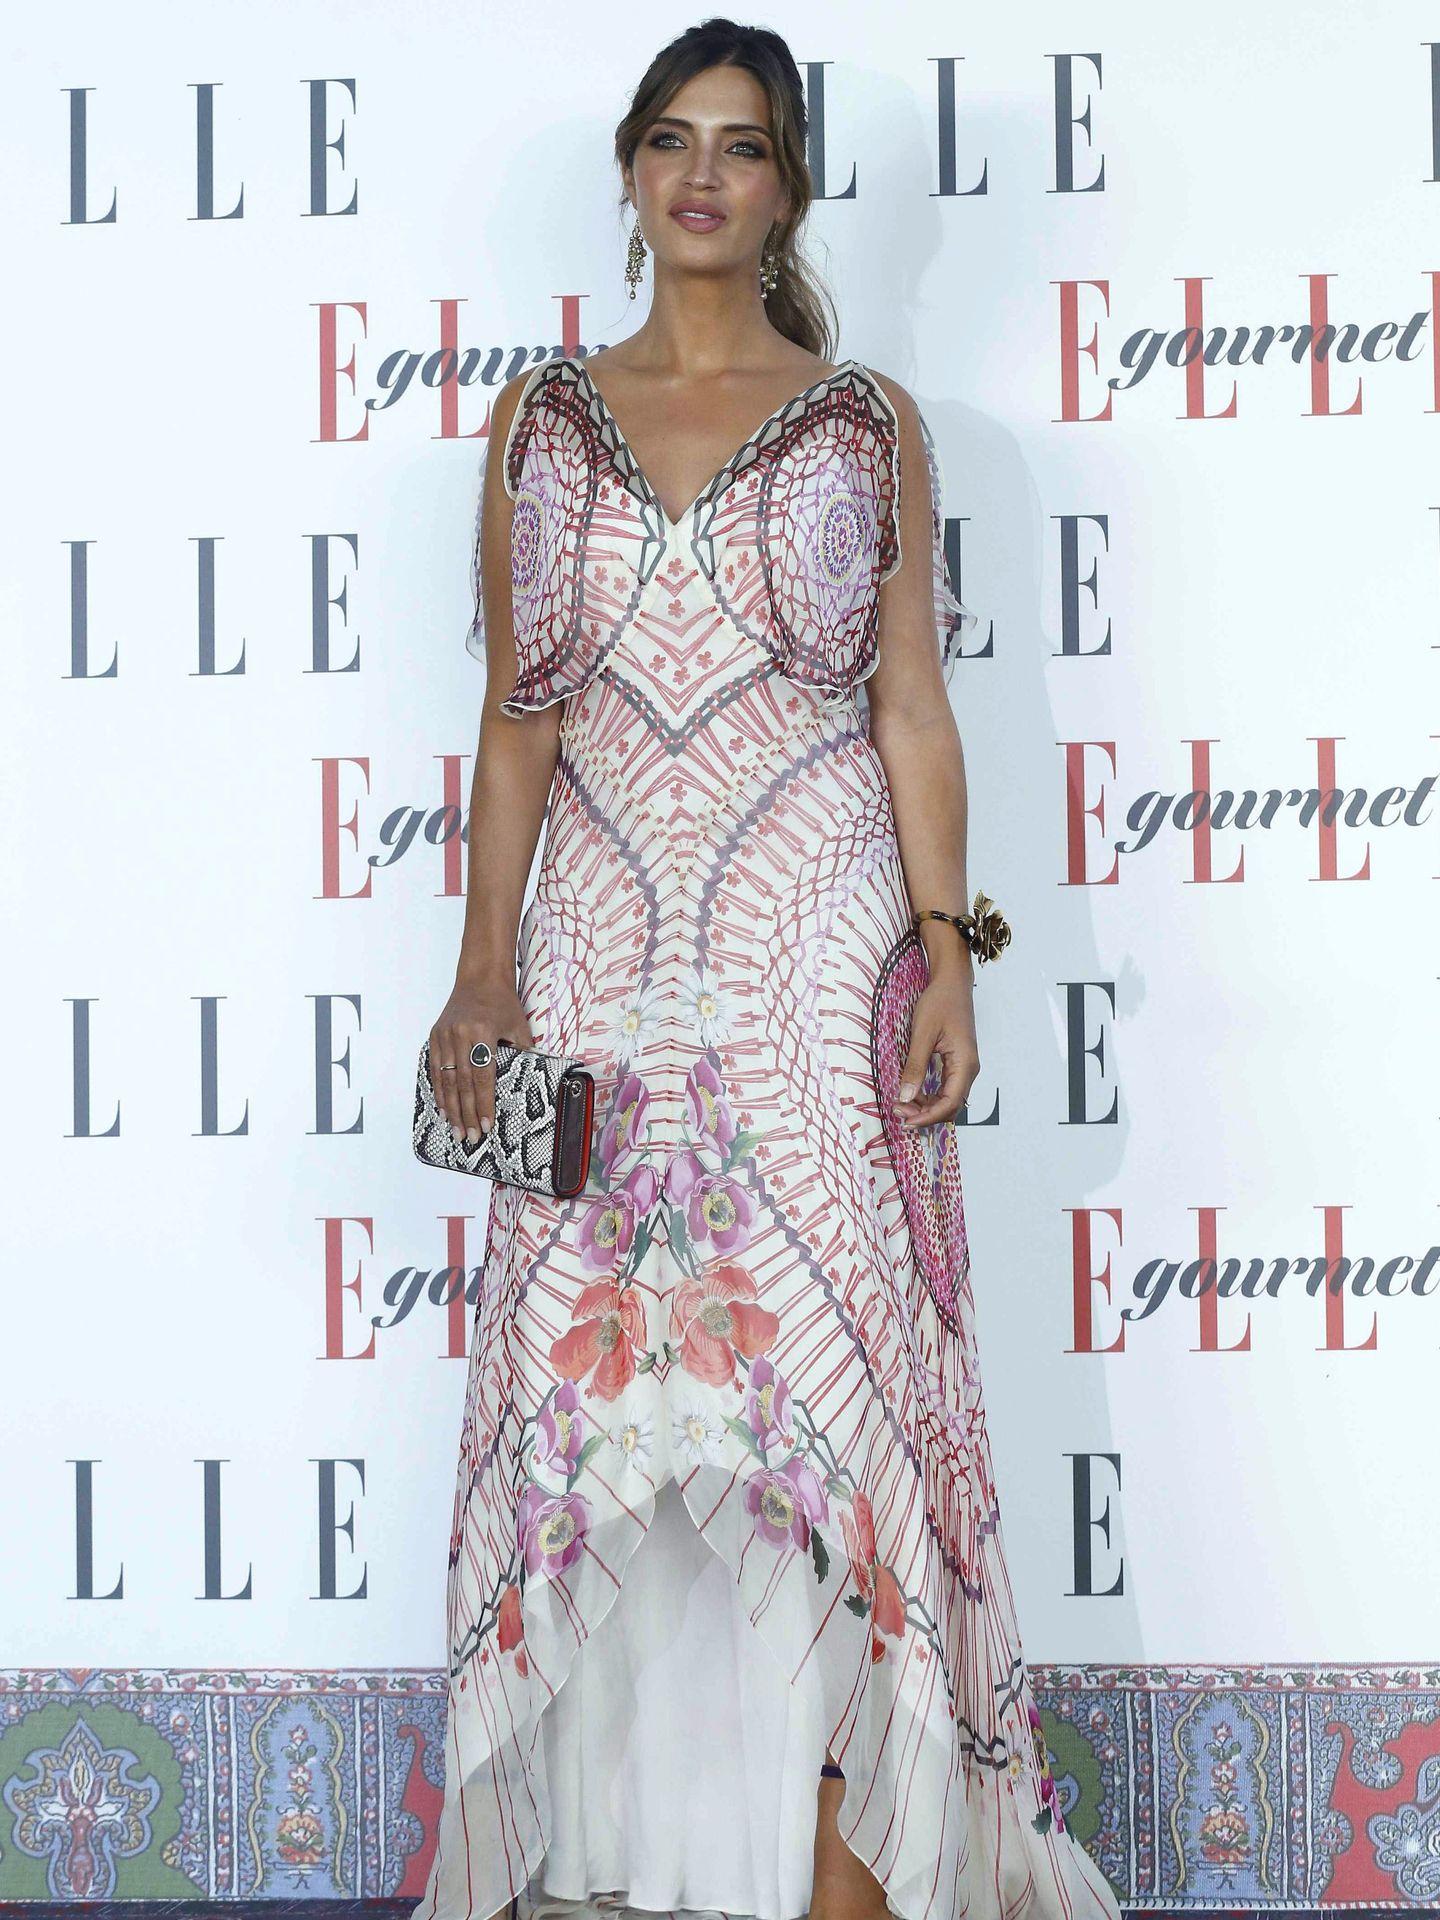 La presentadora Sara Carbonero, en los Premios Elle Gourmet. (EFE)